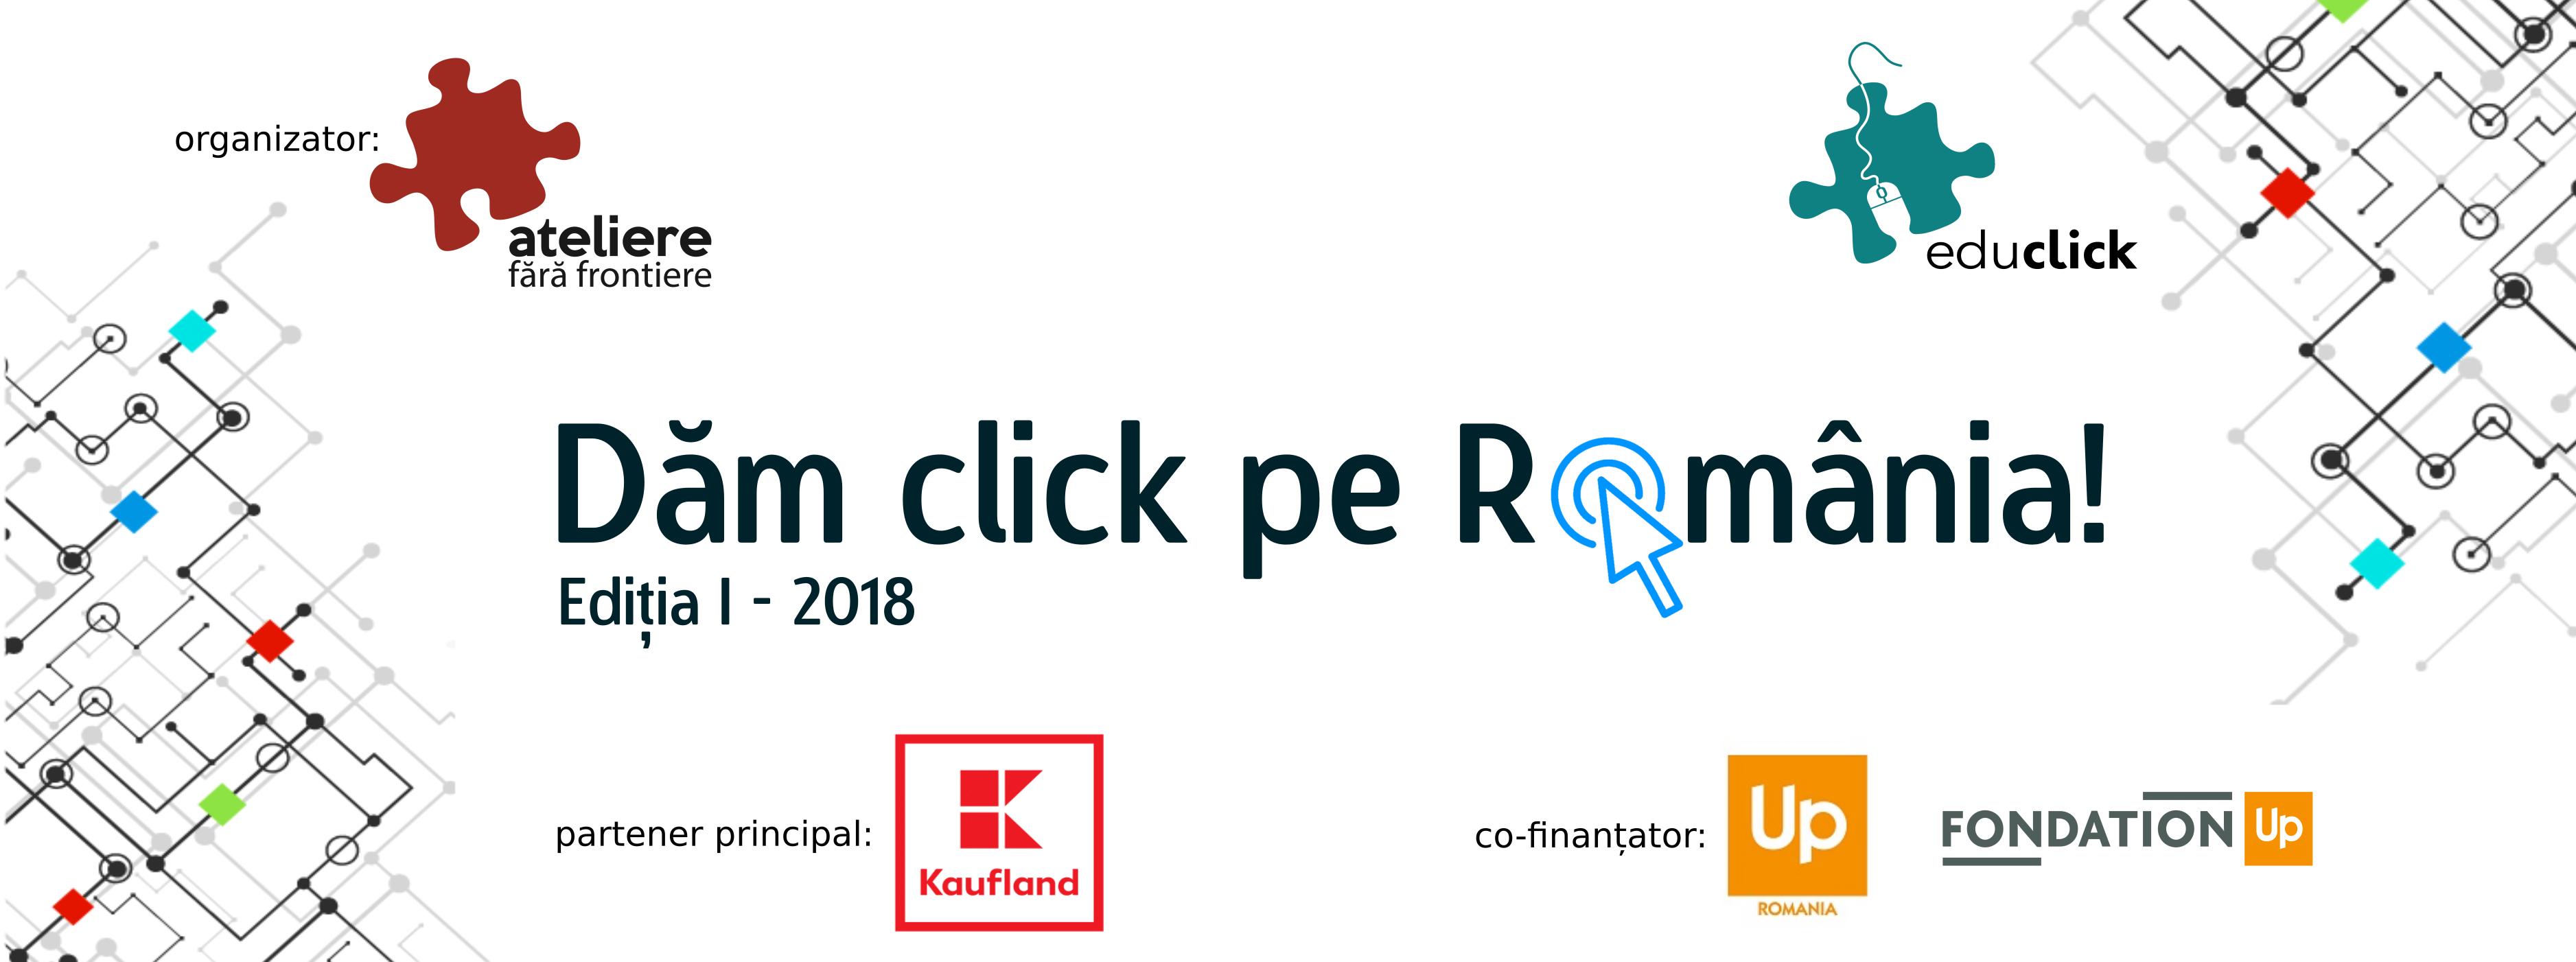 """Start înscrieri în programul """"Dăm Click pe România"""" 2018 – ediția I"""